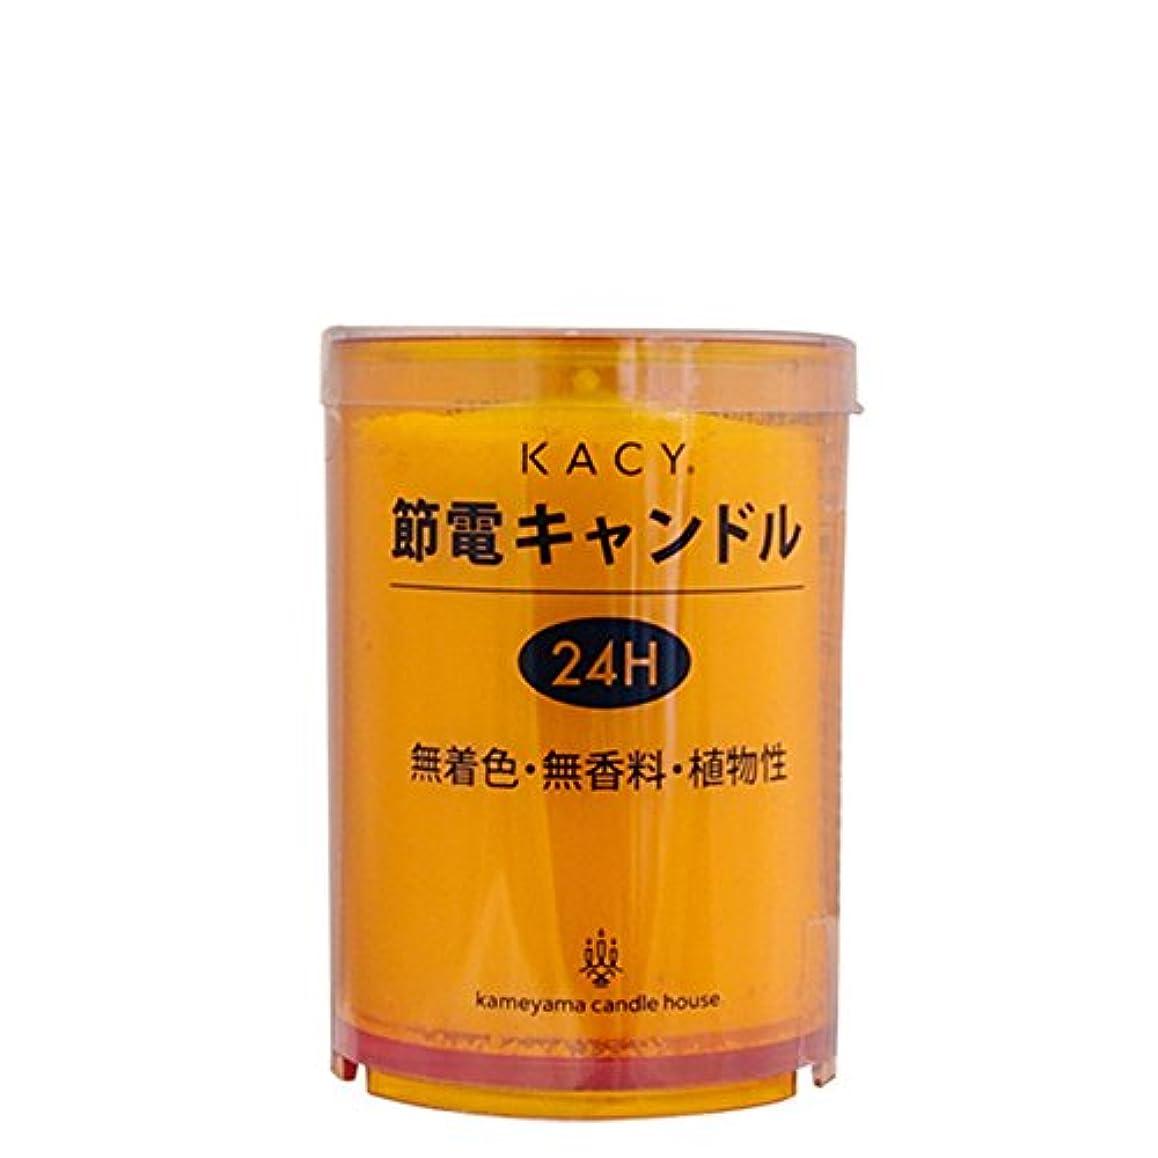 暗い再生的もっともらしいカメヤマキャンドルハウス 節電キャンドル 24時間タイプ  オレンジ